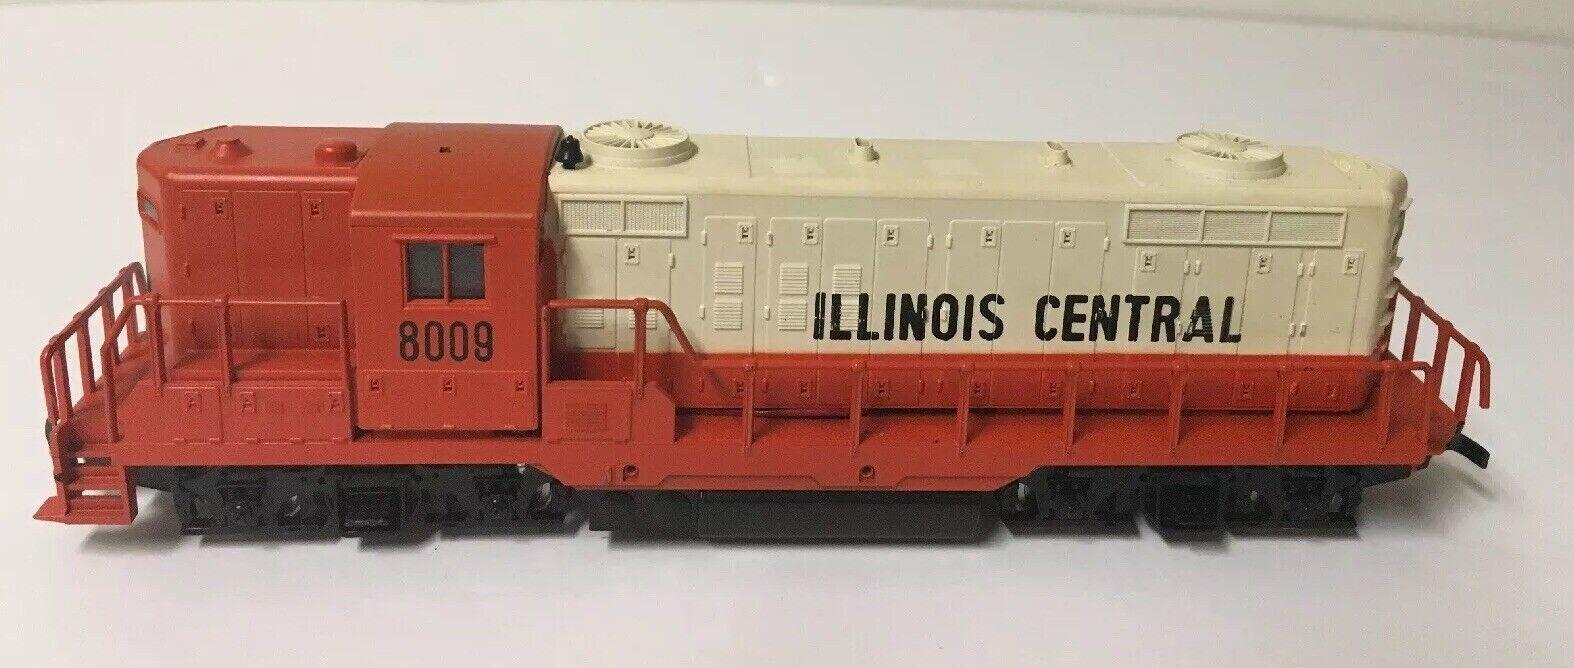 Ahm-escala HO-Illinois Central   5012 GP-18 Diesel Locomotora